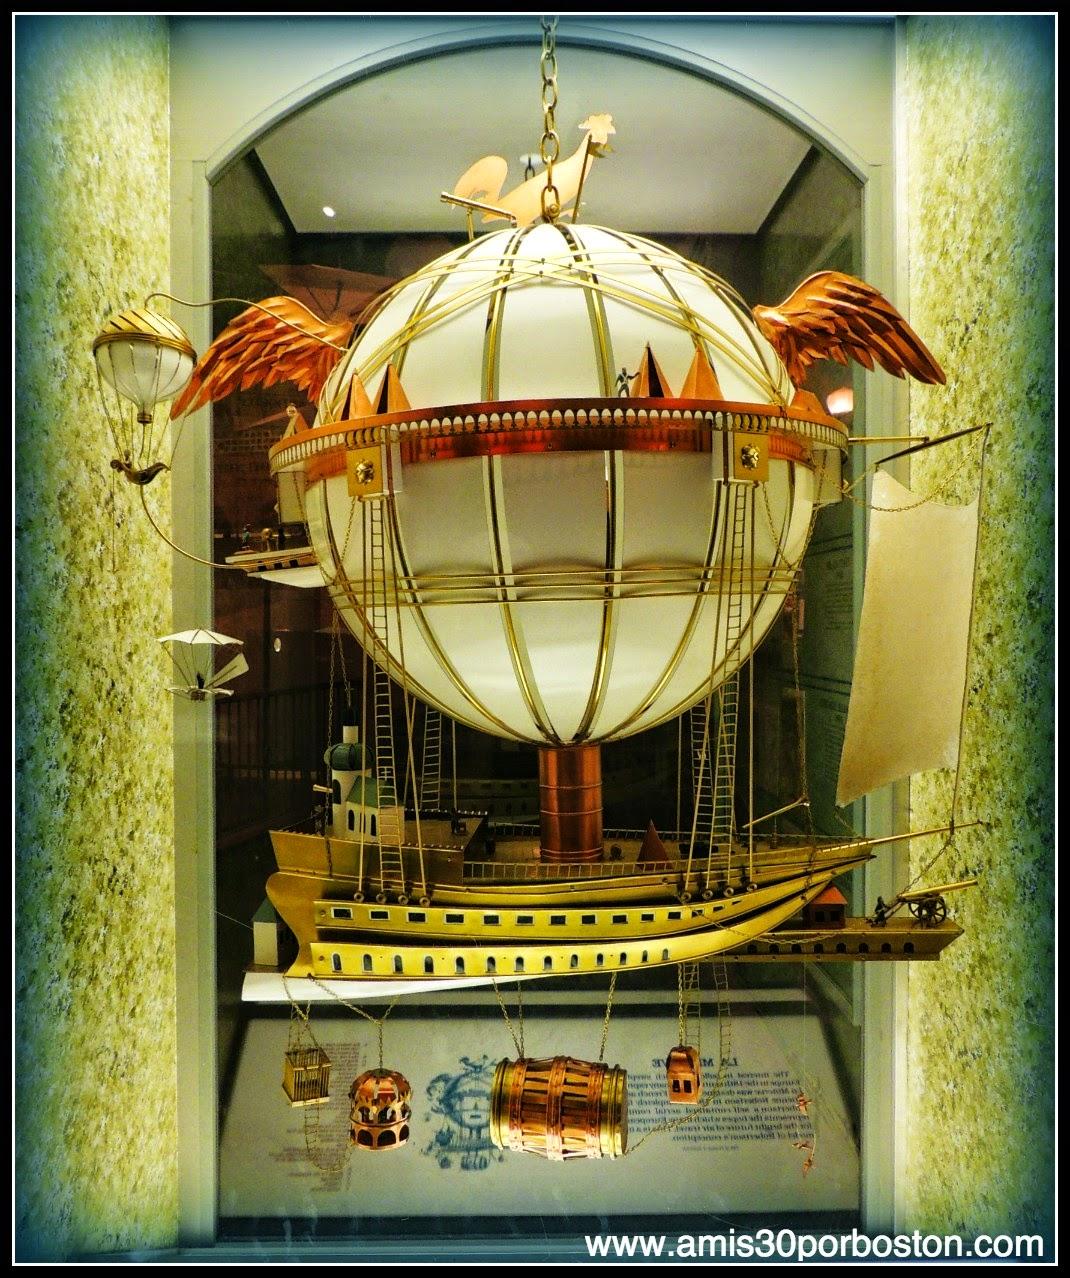 Museo Nacional del Aire y el Espacio de Estados Unidos: La Minerve